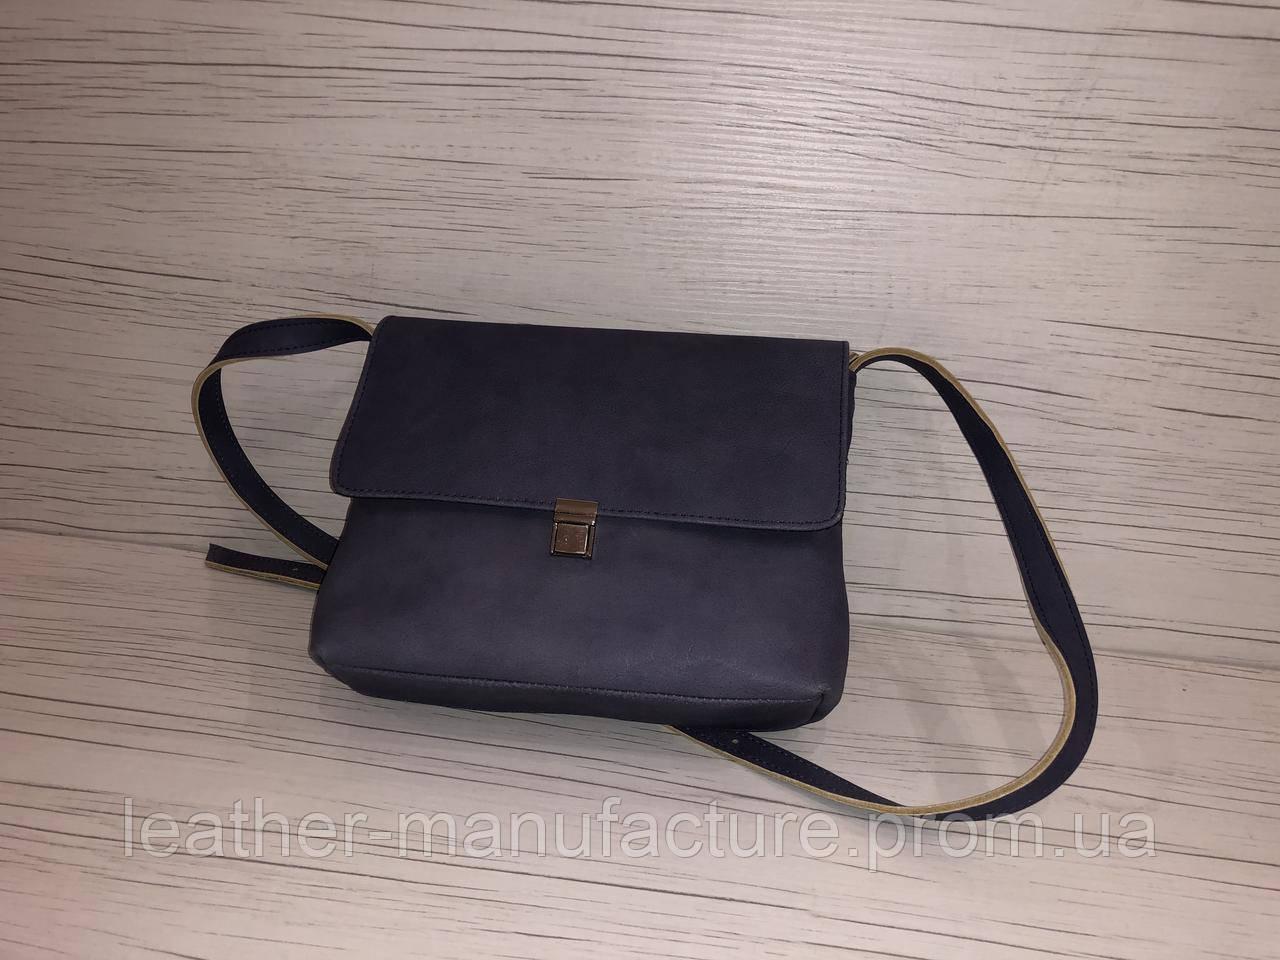 d1fcec859579 Сумка жіноча, маленька, шкіряна, через плече, Ananda: продажа, цена ...